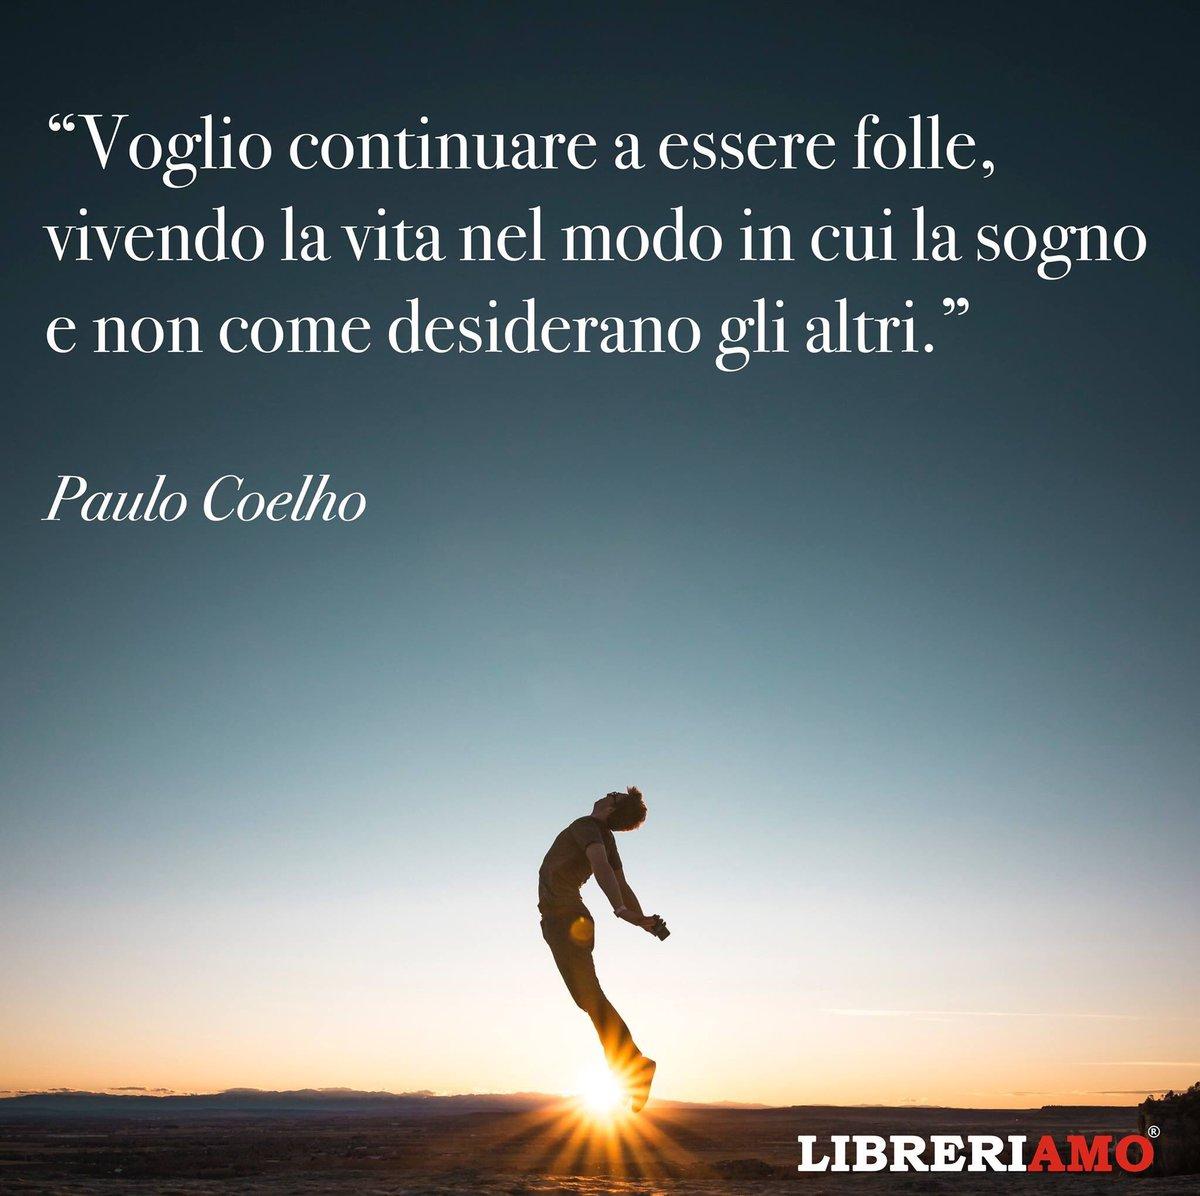 #voglioContinuare a essere folle, vivendo la vita nel modo in cui la sogno e non come desiderano gli altri cit. Paulo Coelho  #sognandoacasalettori  #unTemaAlGiornopic.twitter.com/fjTAGnwKtR